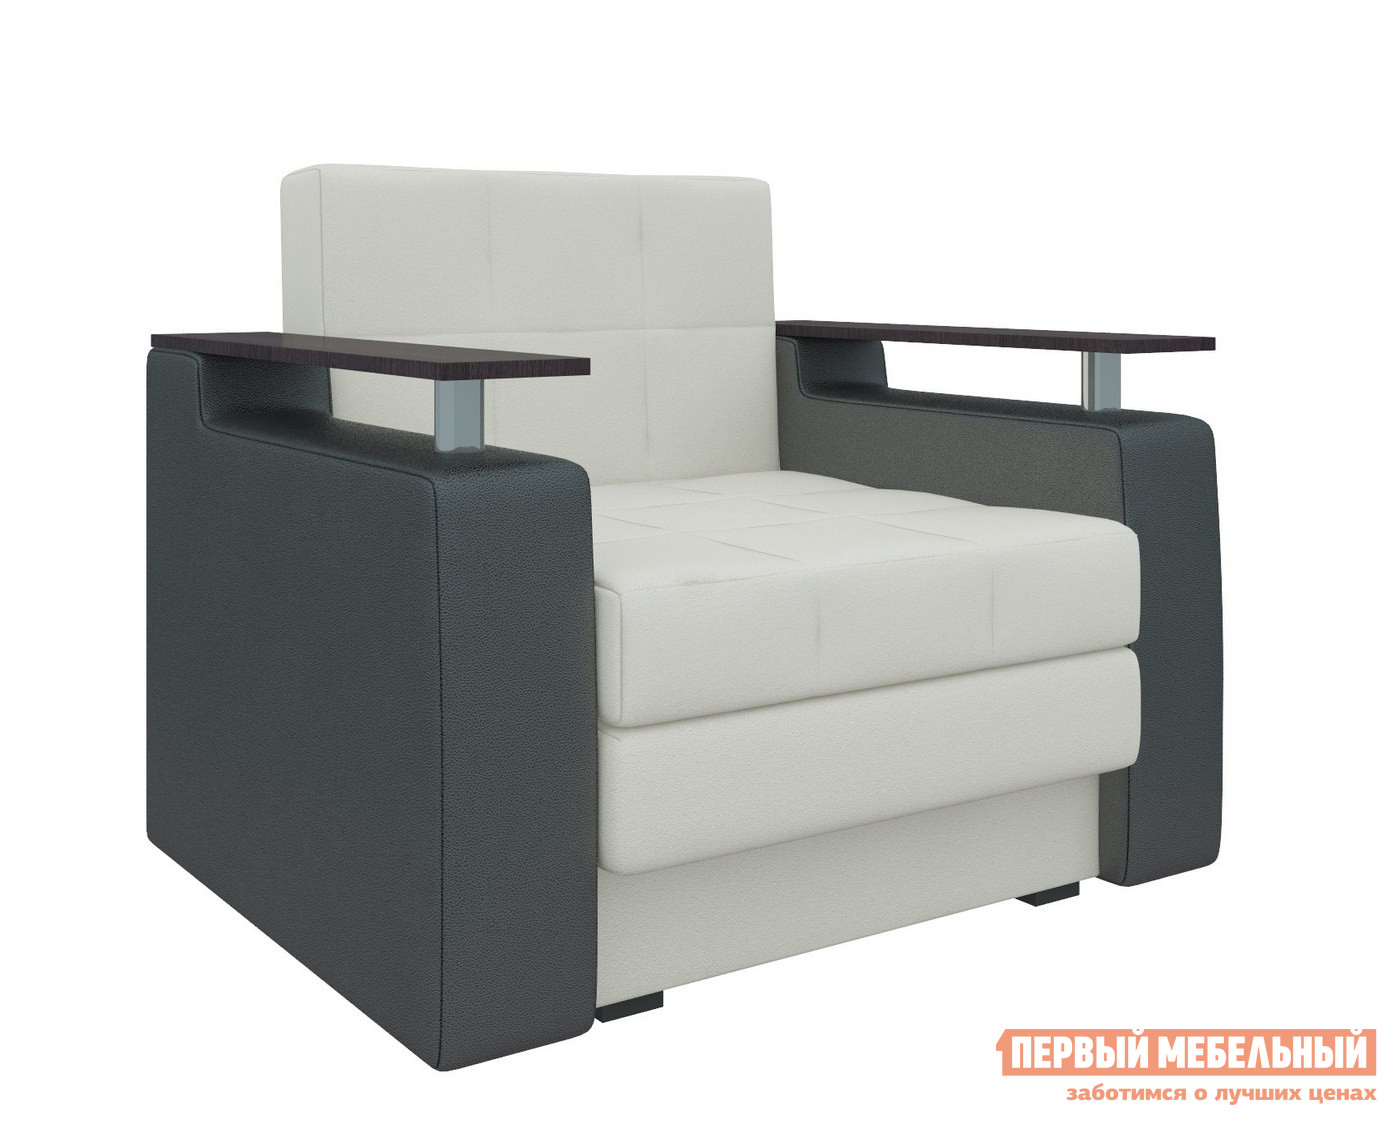 Кресло Мебелико Кресло-кровать Комфорт Экокожа бело-черный от Купистол